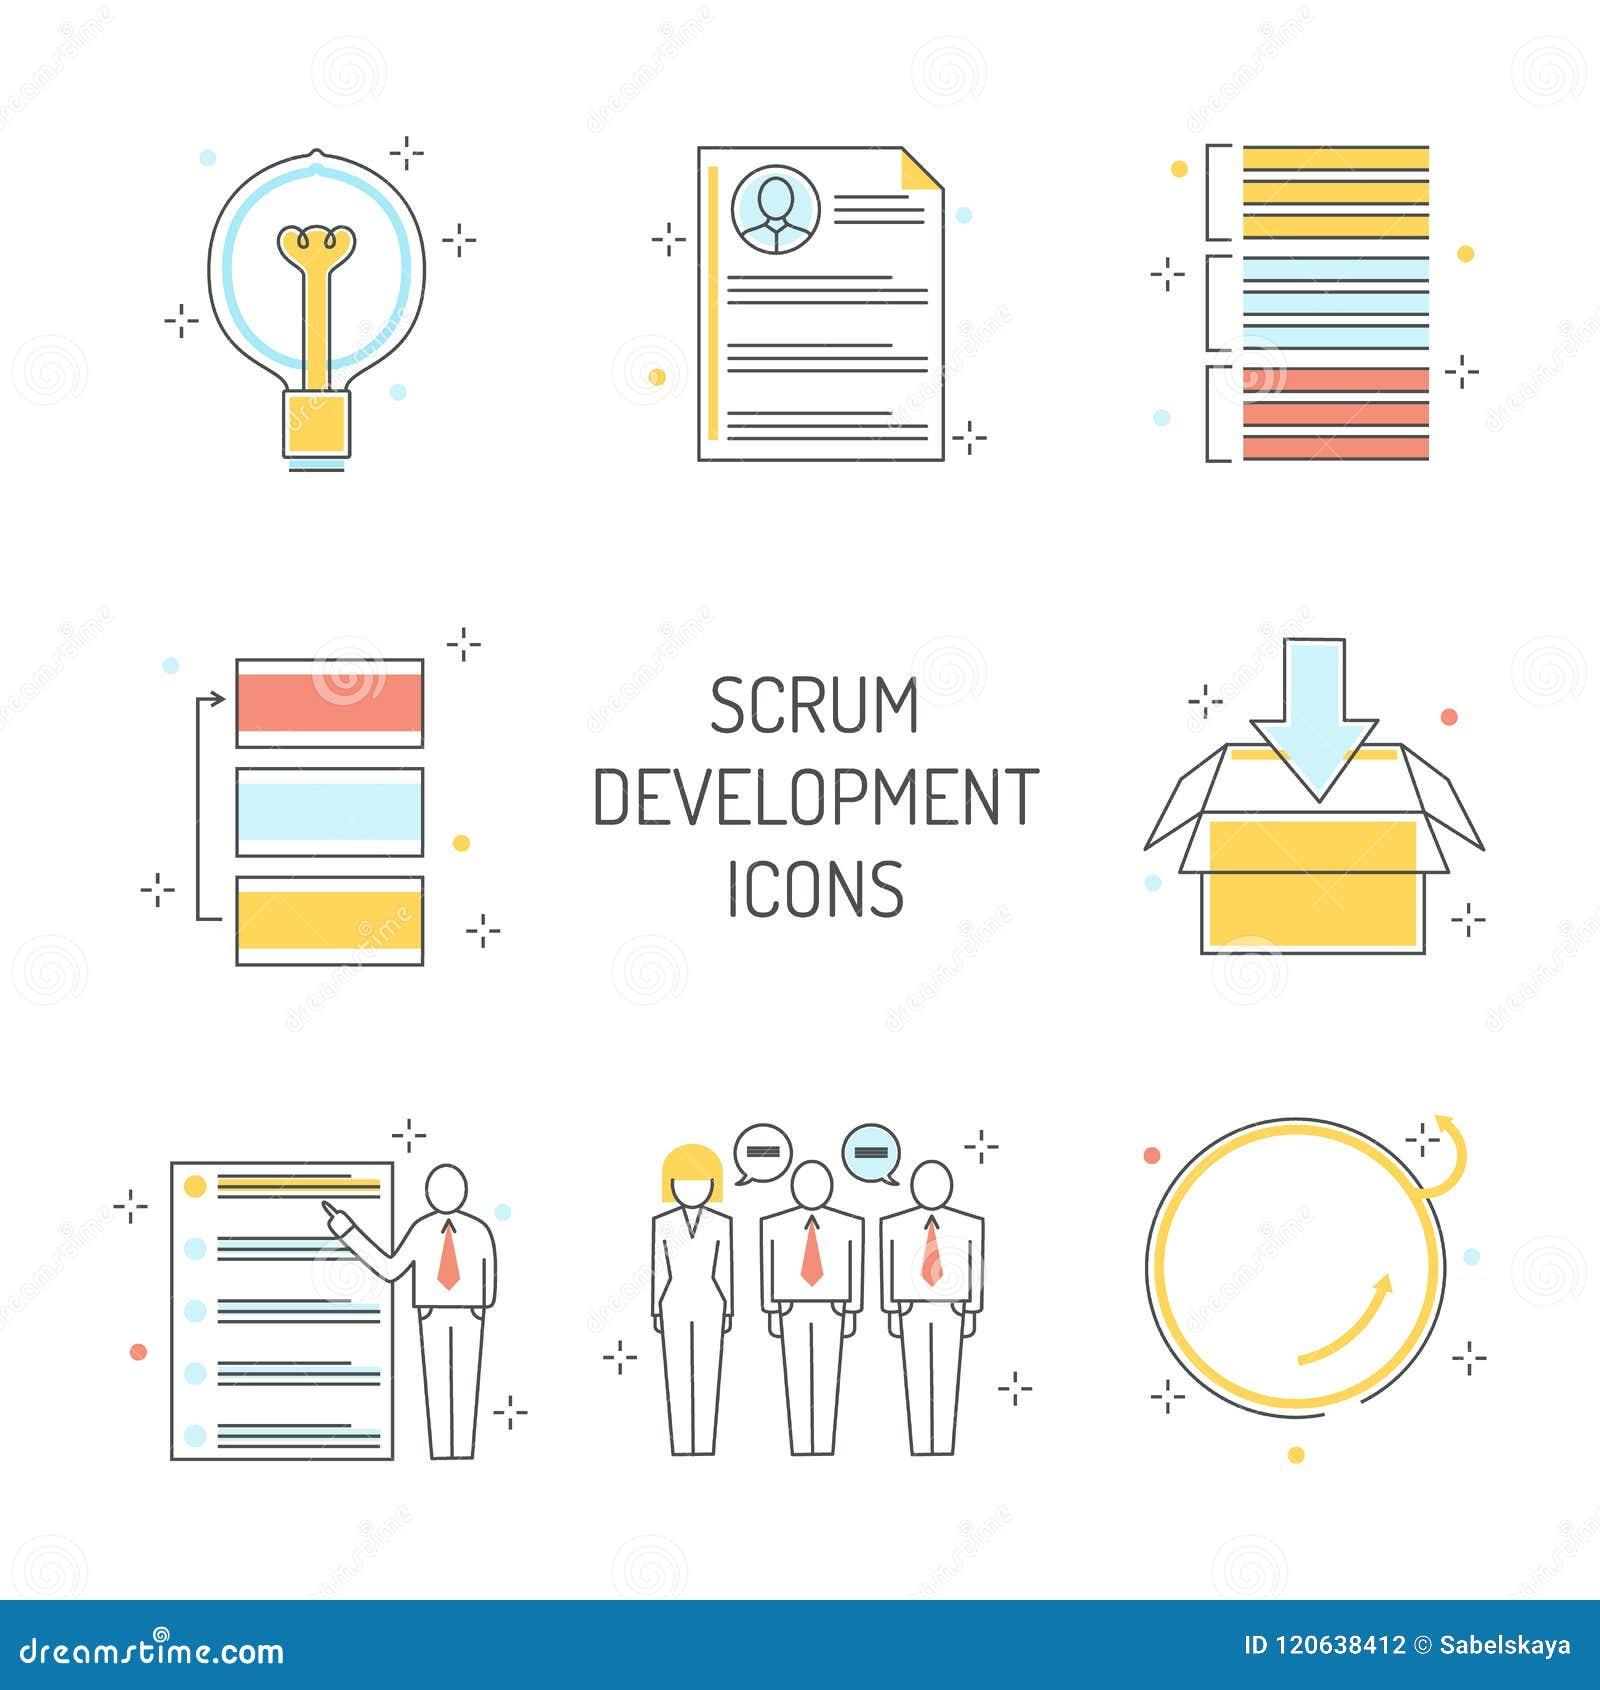 Ícones do desenvolvimento do scrum ajustados - metodologia ágil para controlar o projeto